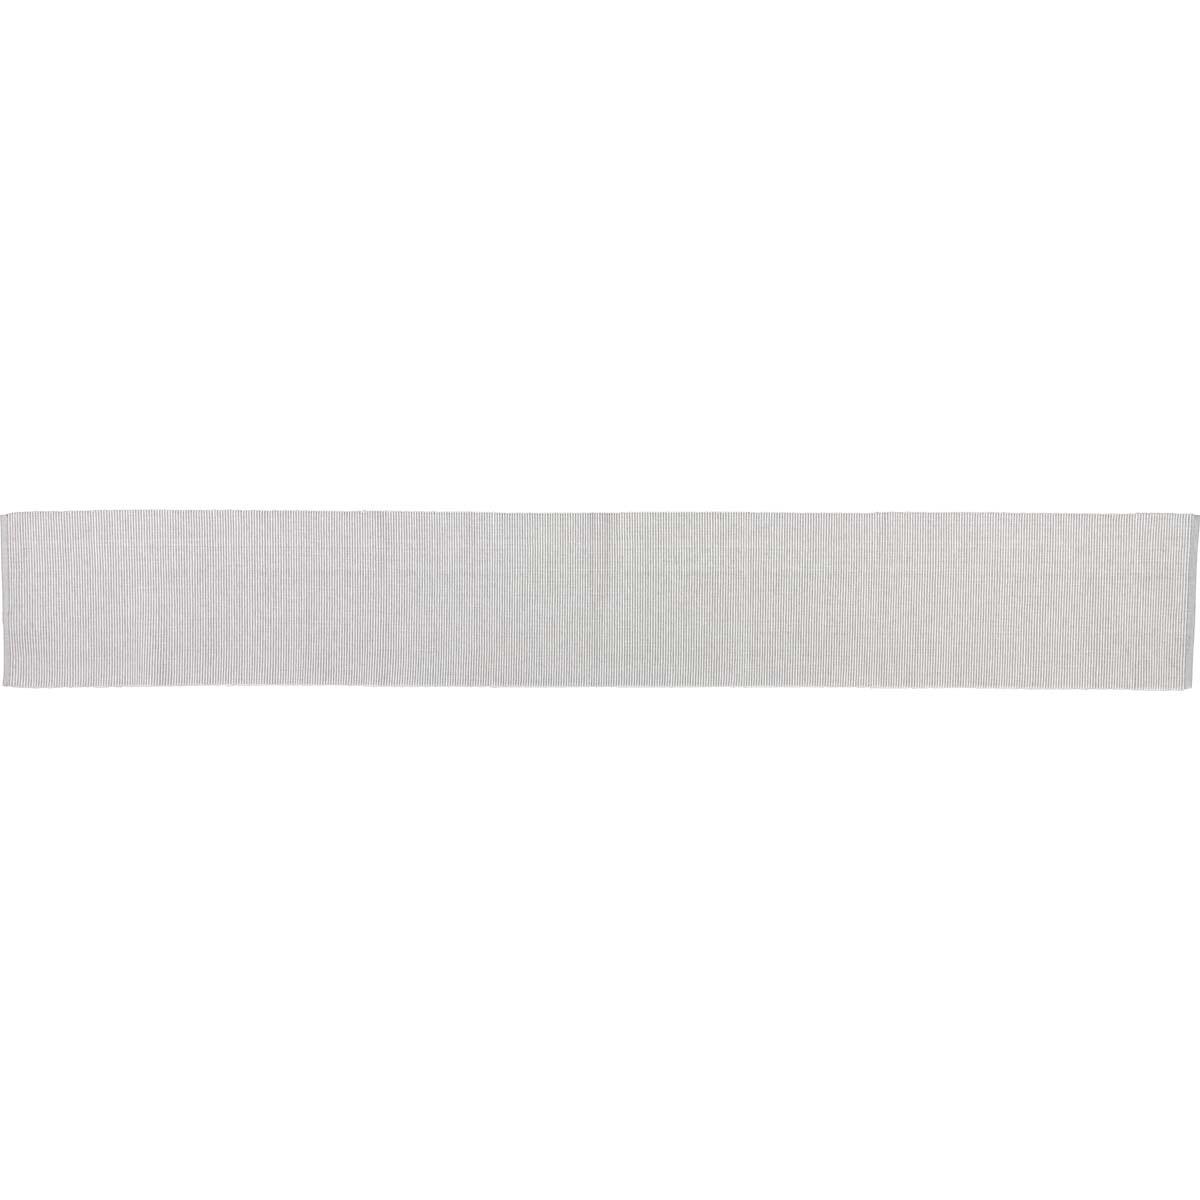 Ashton Grey Ribbed Runner 13x90